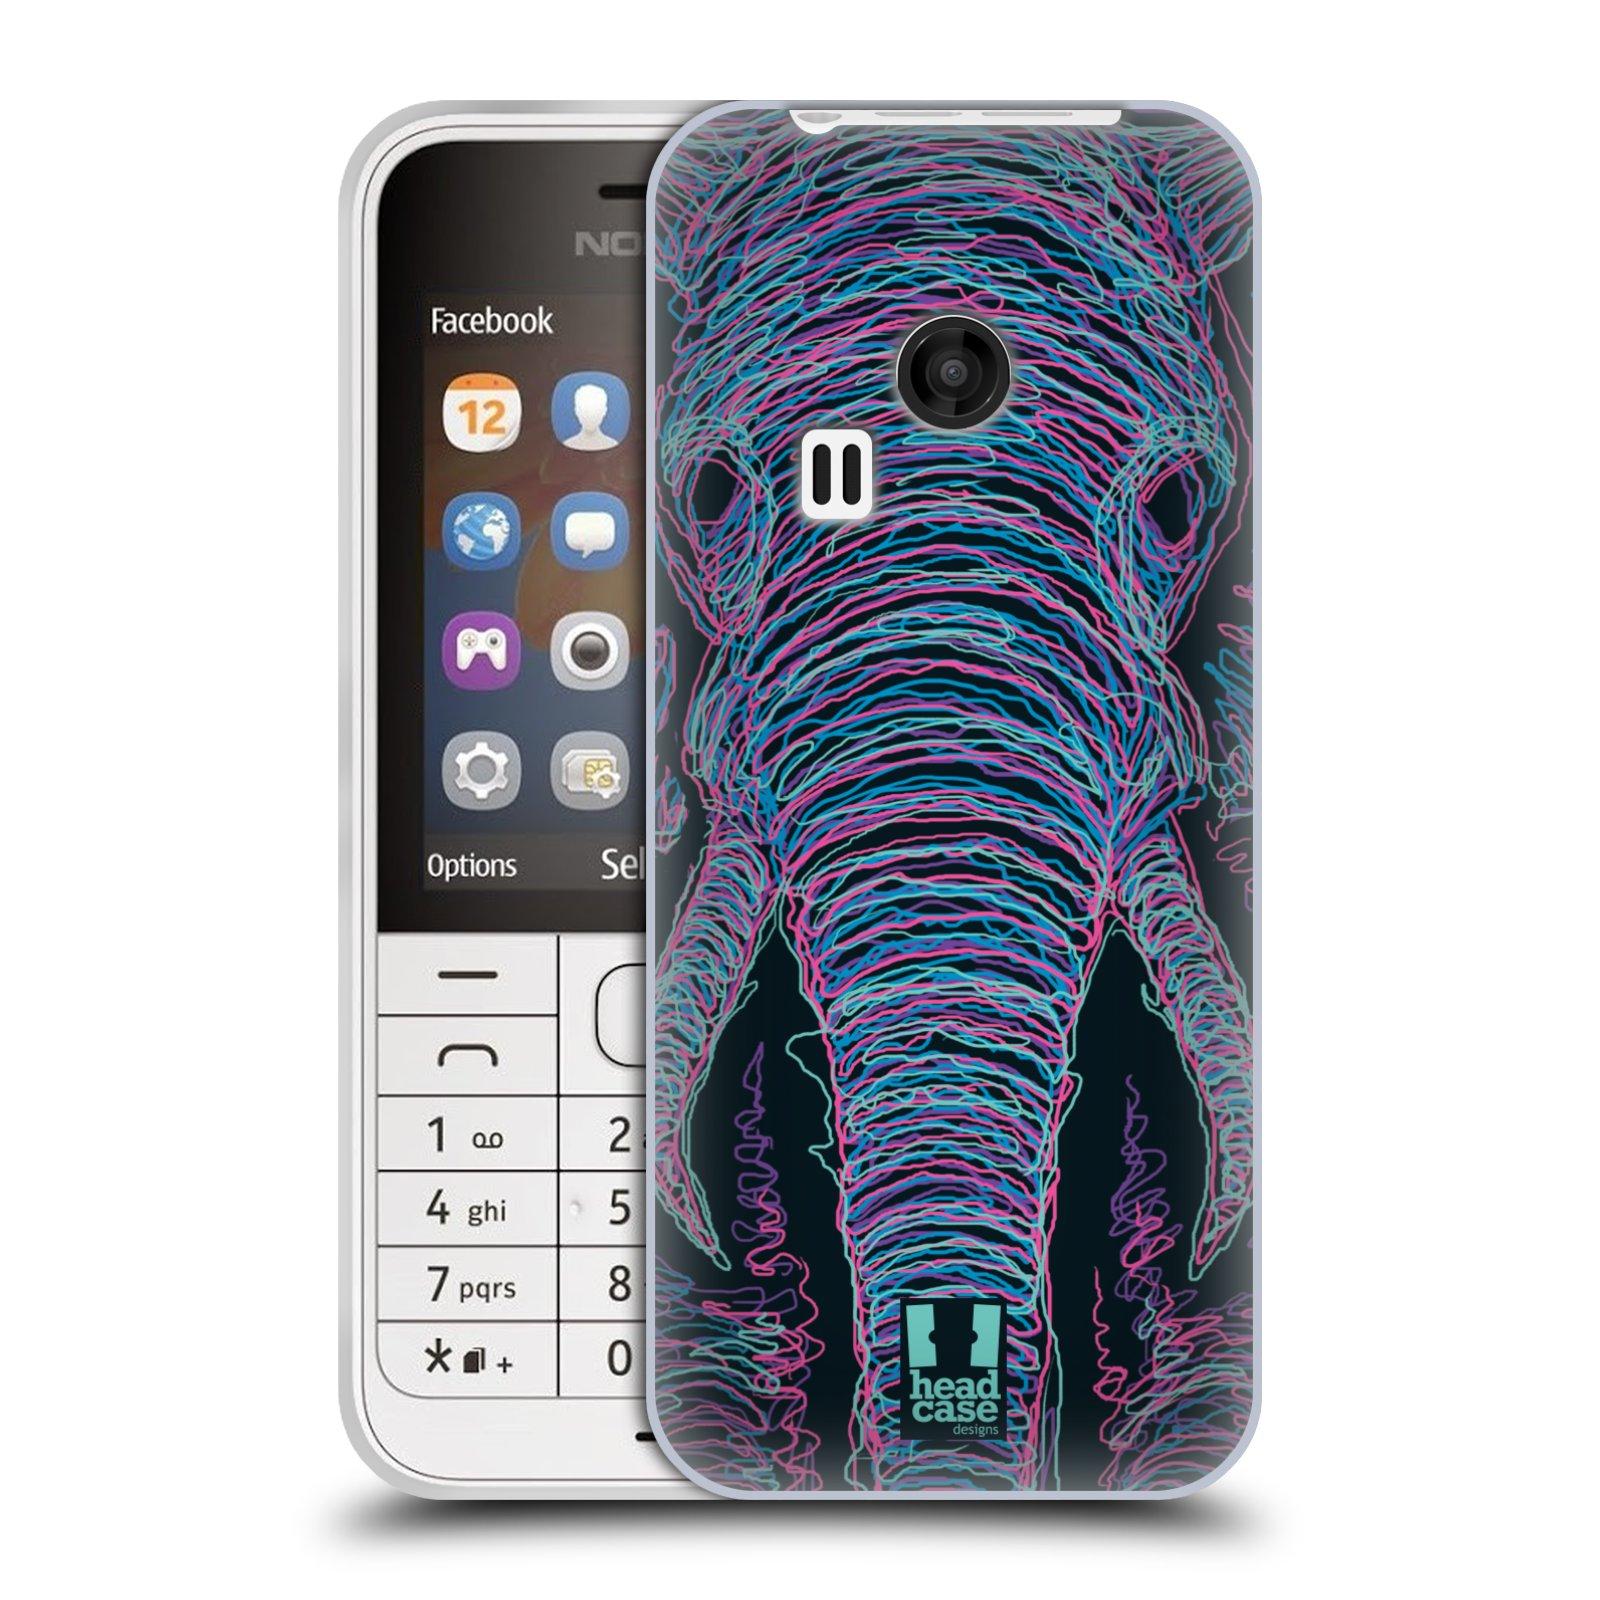 HEAD CASE silikonový obal na mobil NOKIA 220 / NOKIA 220 DUAL SIM vzor zvíře čmáranice slon